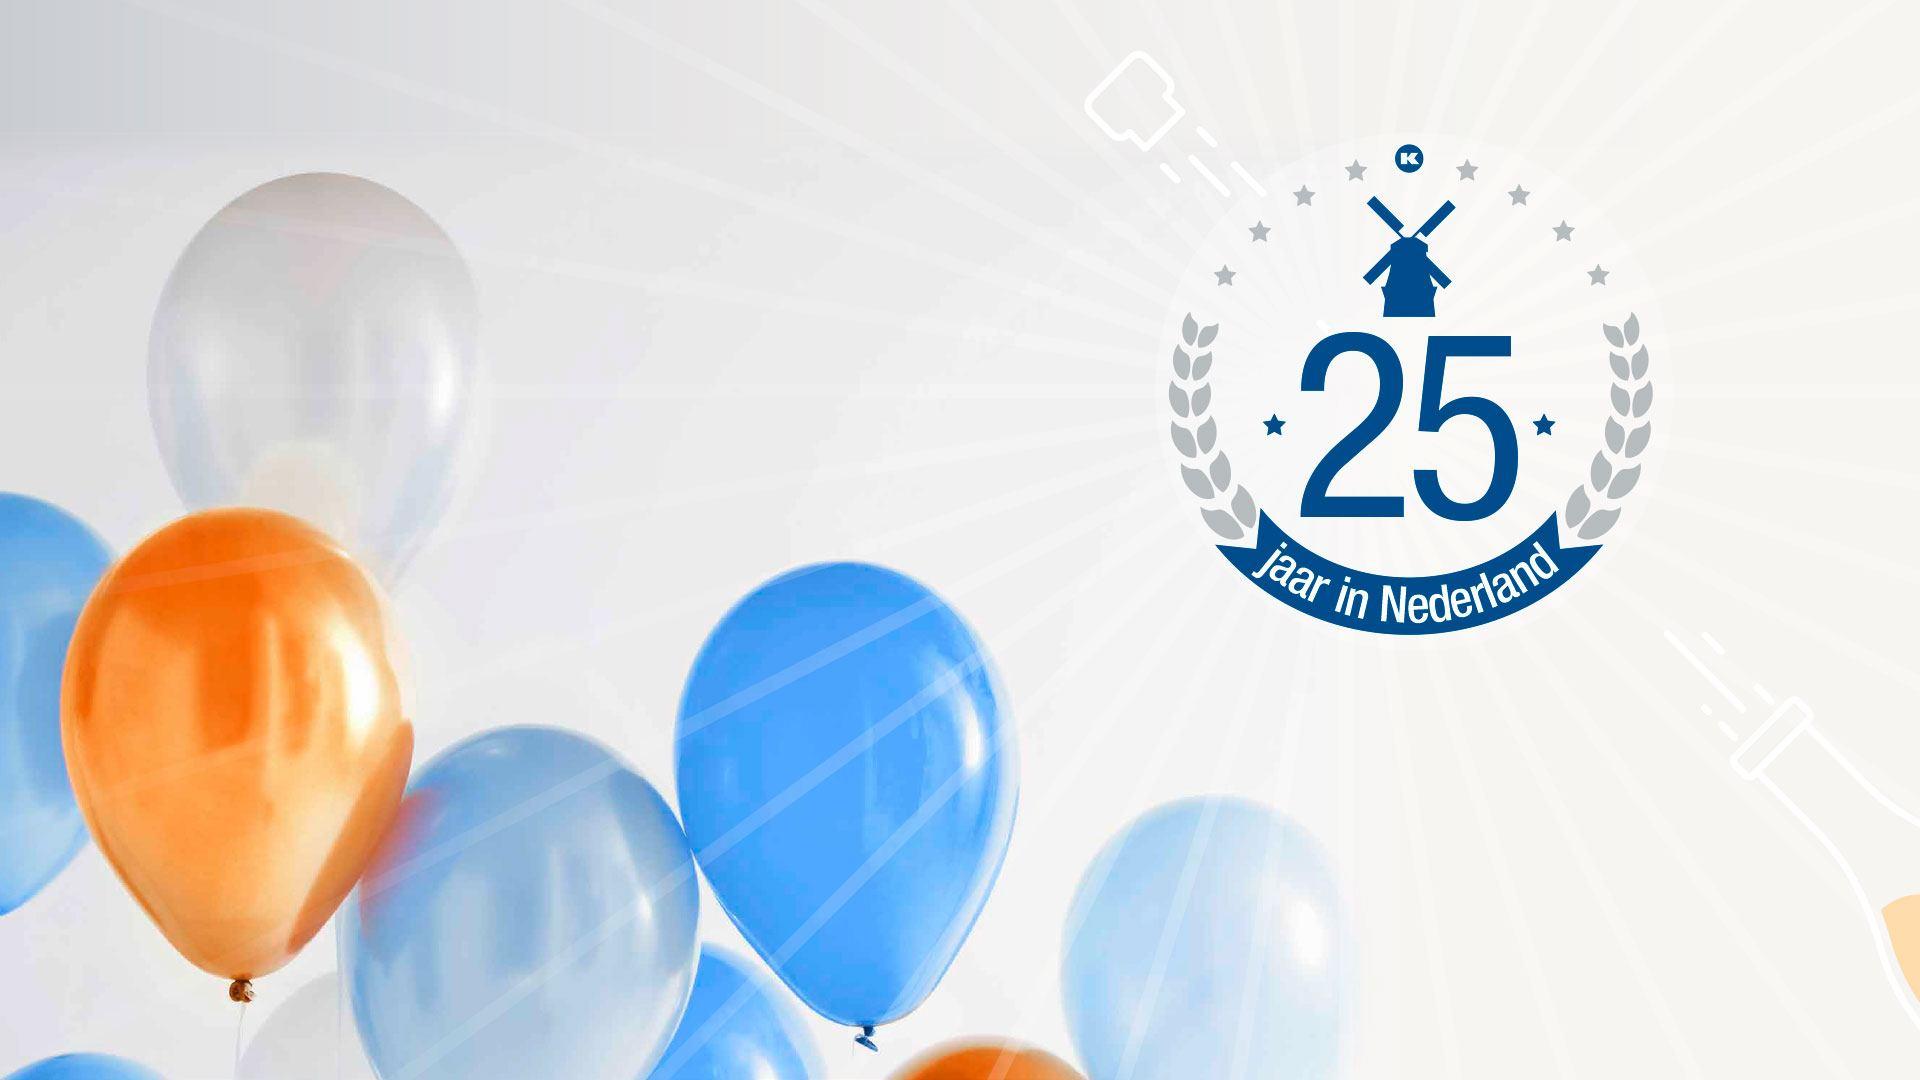 25 jaar in Nederland